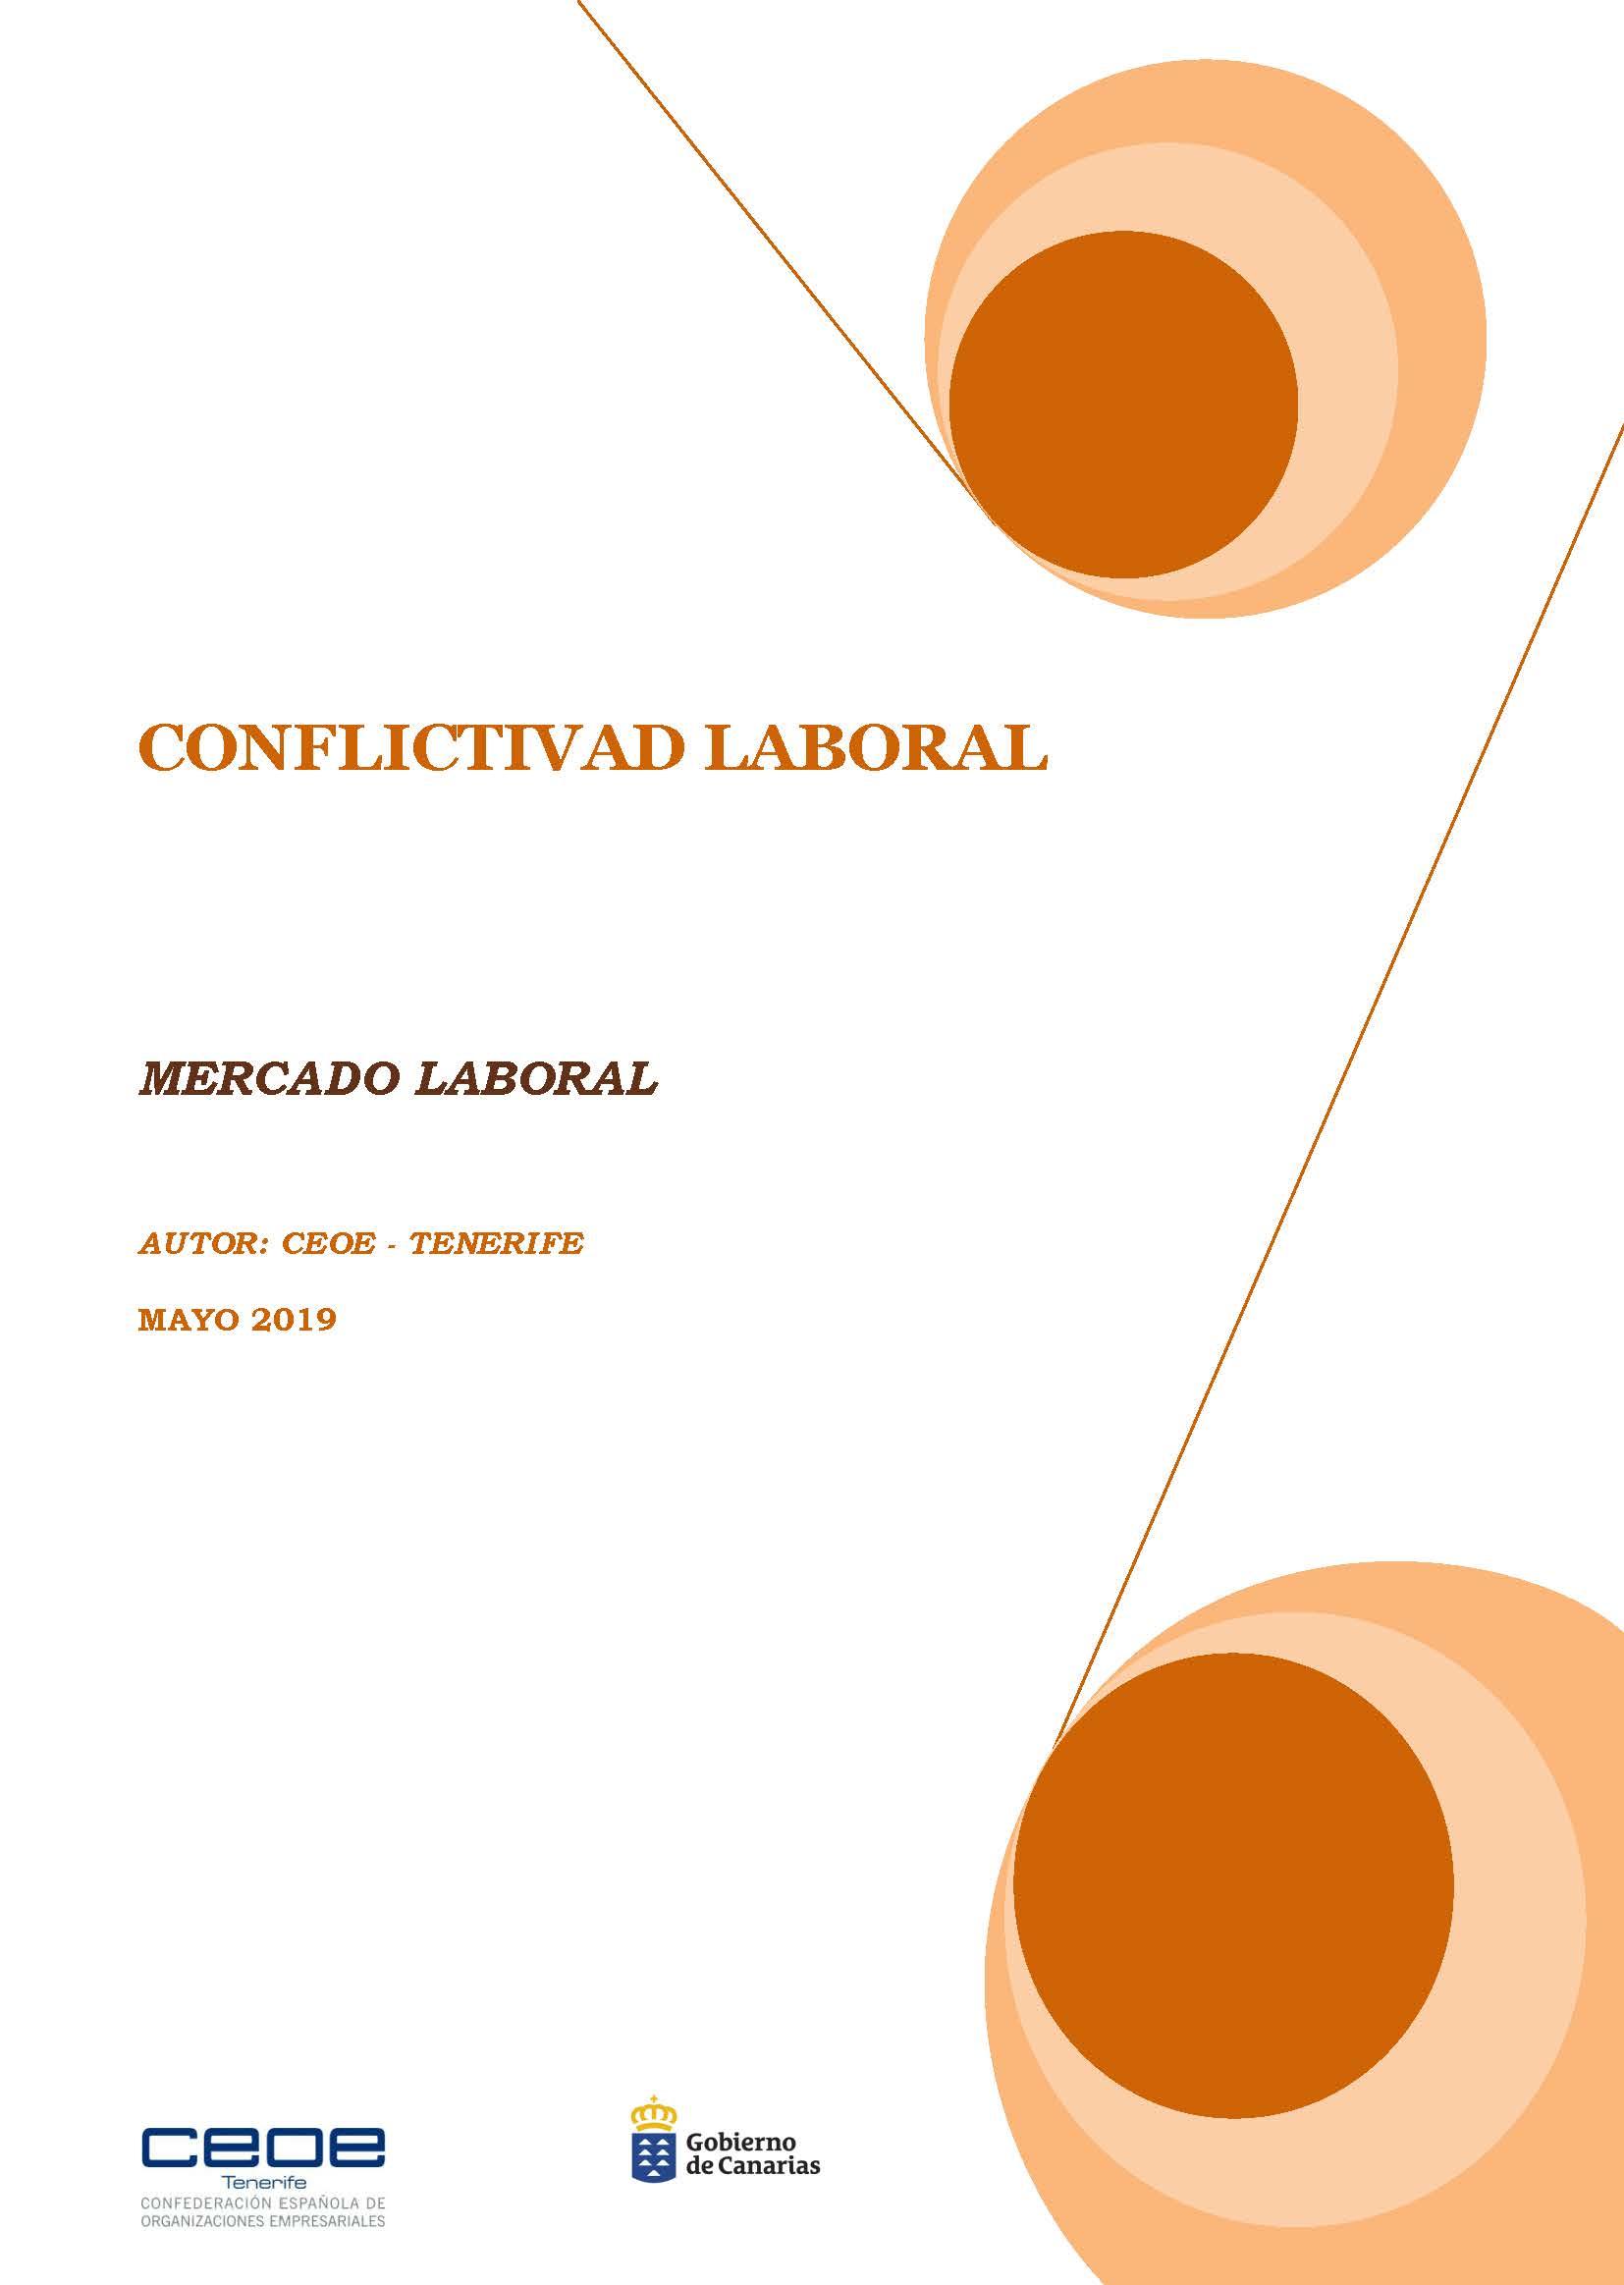 MERCADO LABORAL - CONFLICTIVIDAD LABORAL MAYO 2019